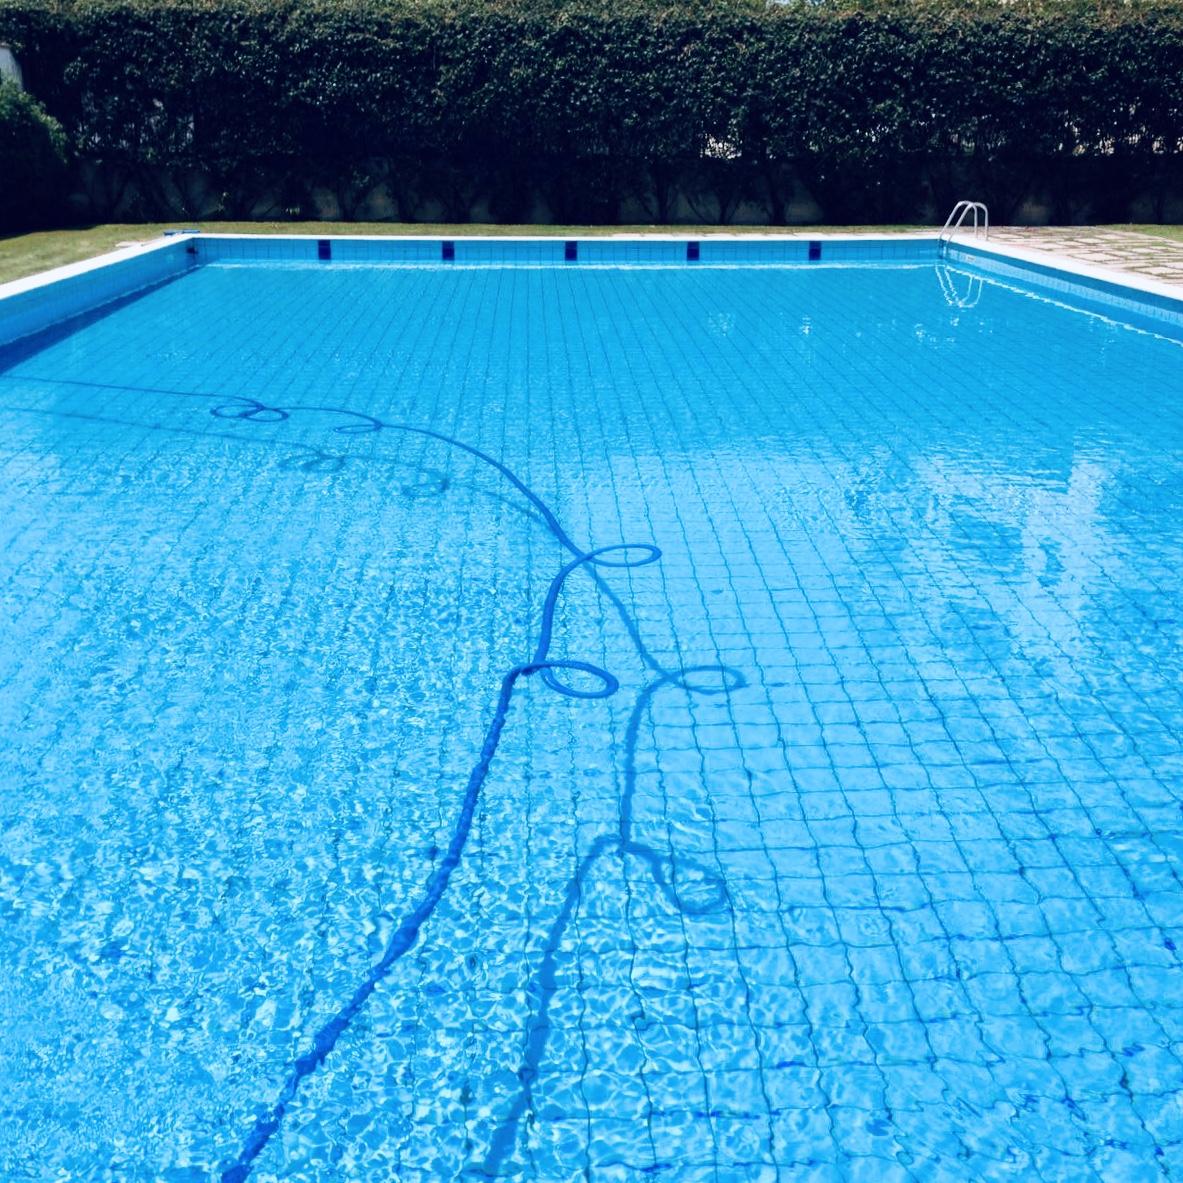 Piscina A Torre Del Greco home - mondo acqua napoli - professionisti per la tua piscina